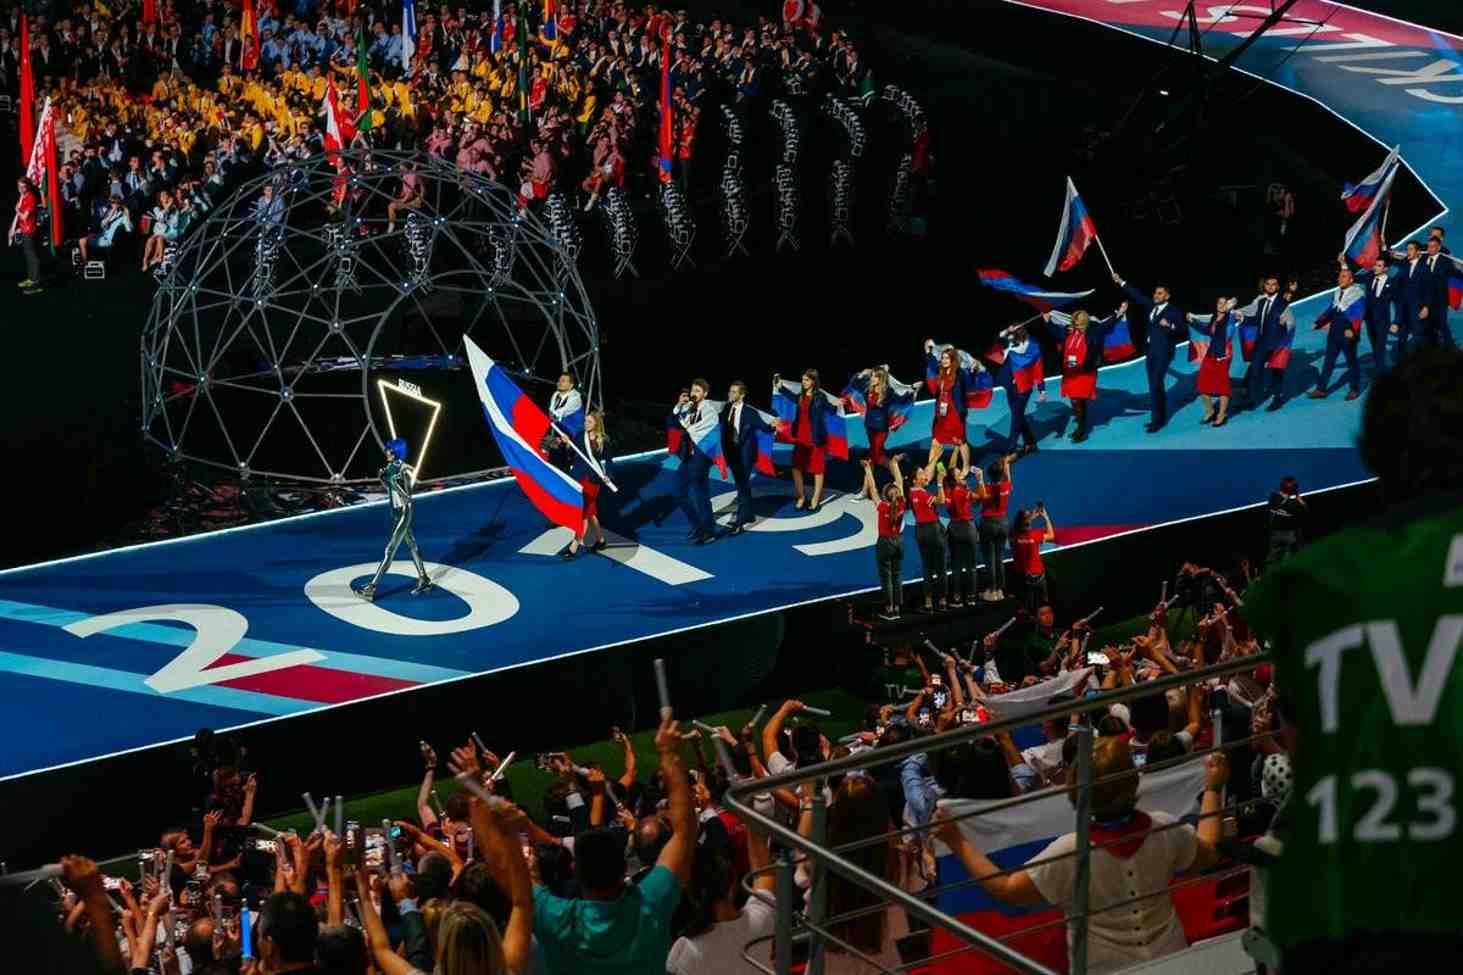 rossiya-zanyala-vtoroe-mesto-na-mezhdunarodnom-chempionate-po-professionalnomu-masterstvu-worldskills